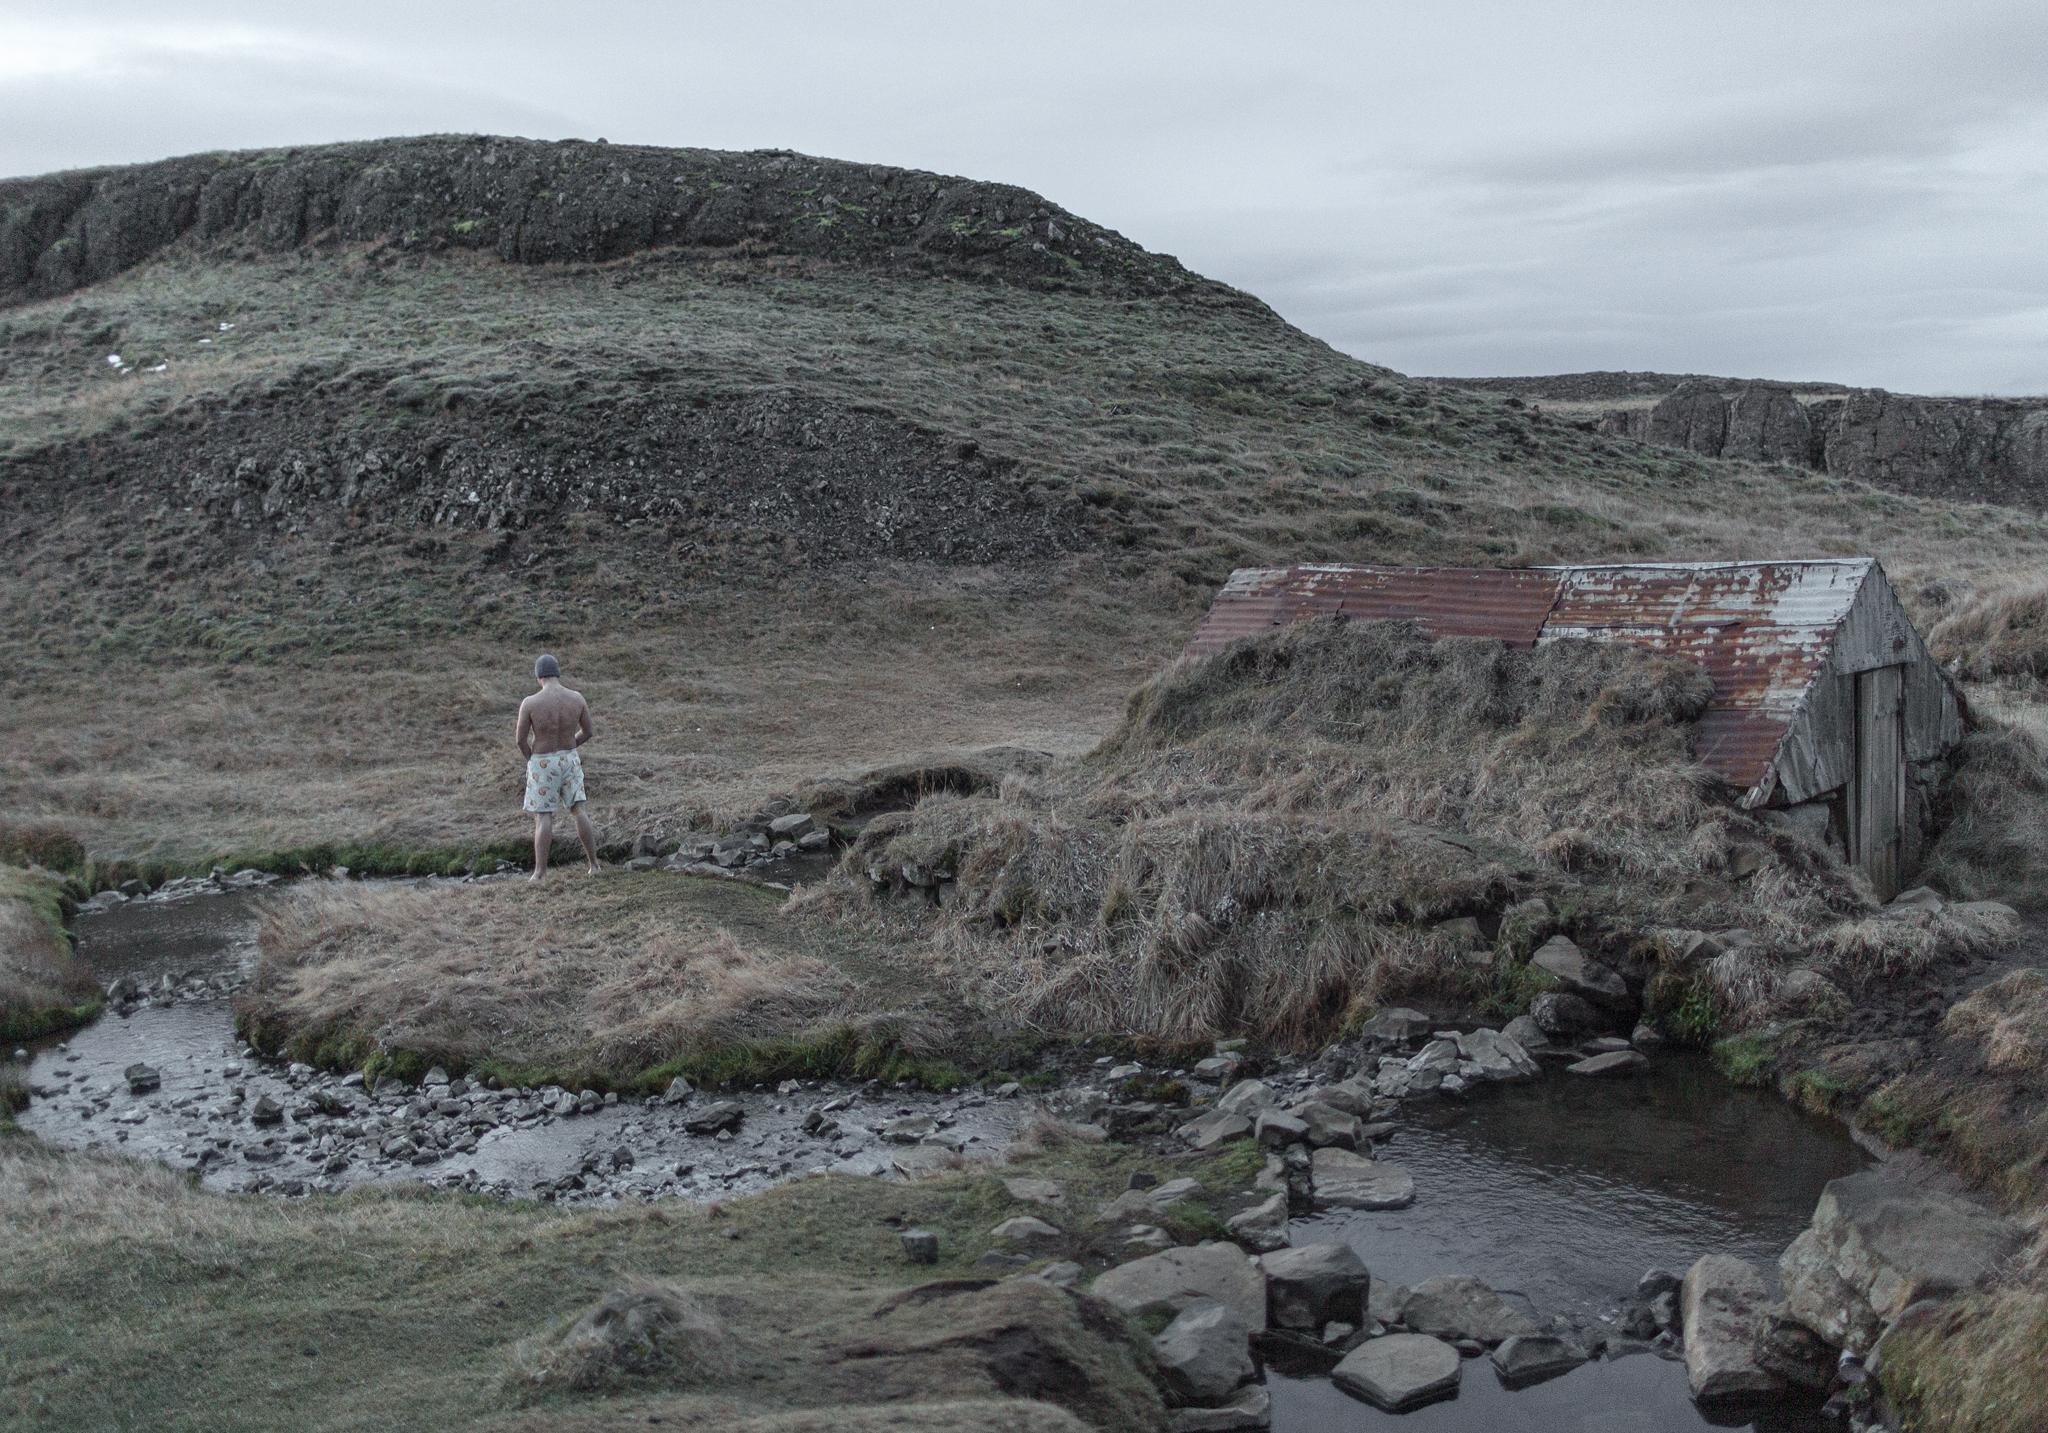 """Mohai Balázs: """"Észak-fok, titok, idegenség"""" / """"Iceberg, enigma, strange and timeless, 2012 © Mohai Balázs"""